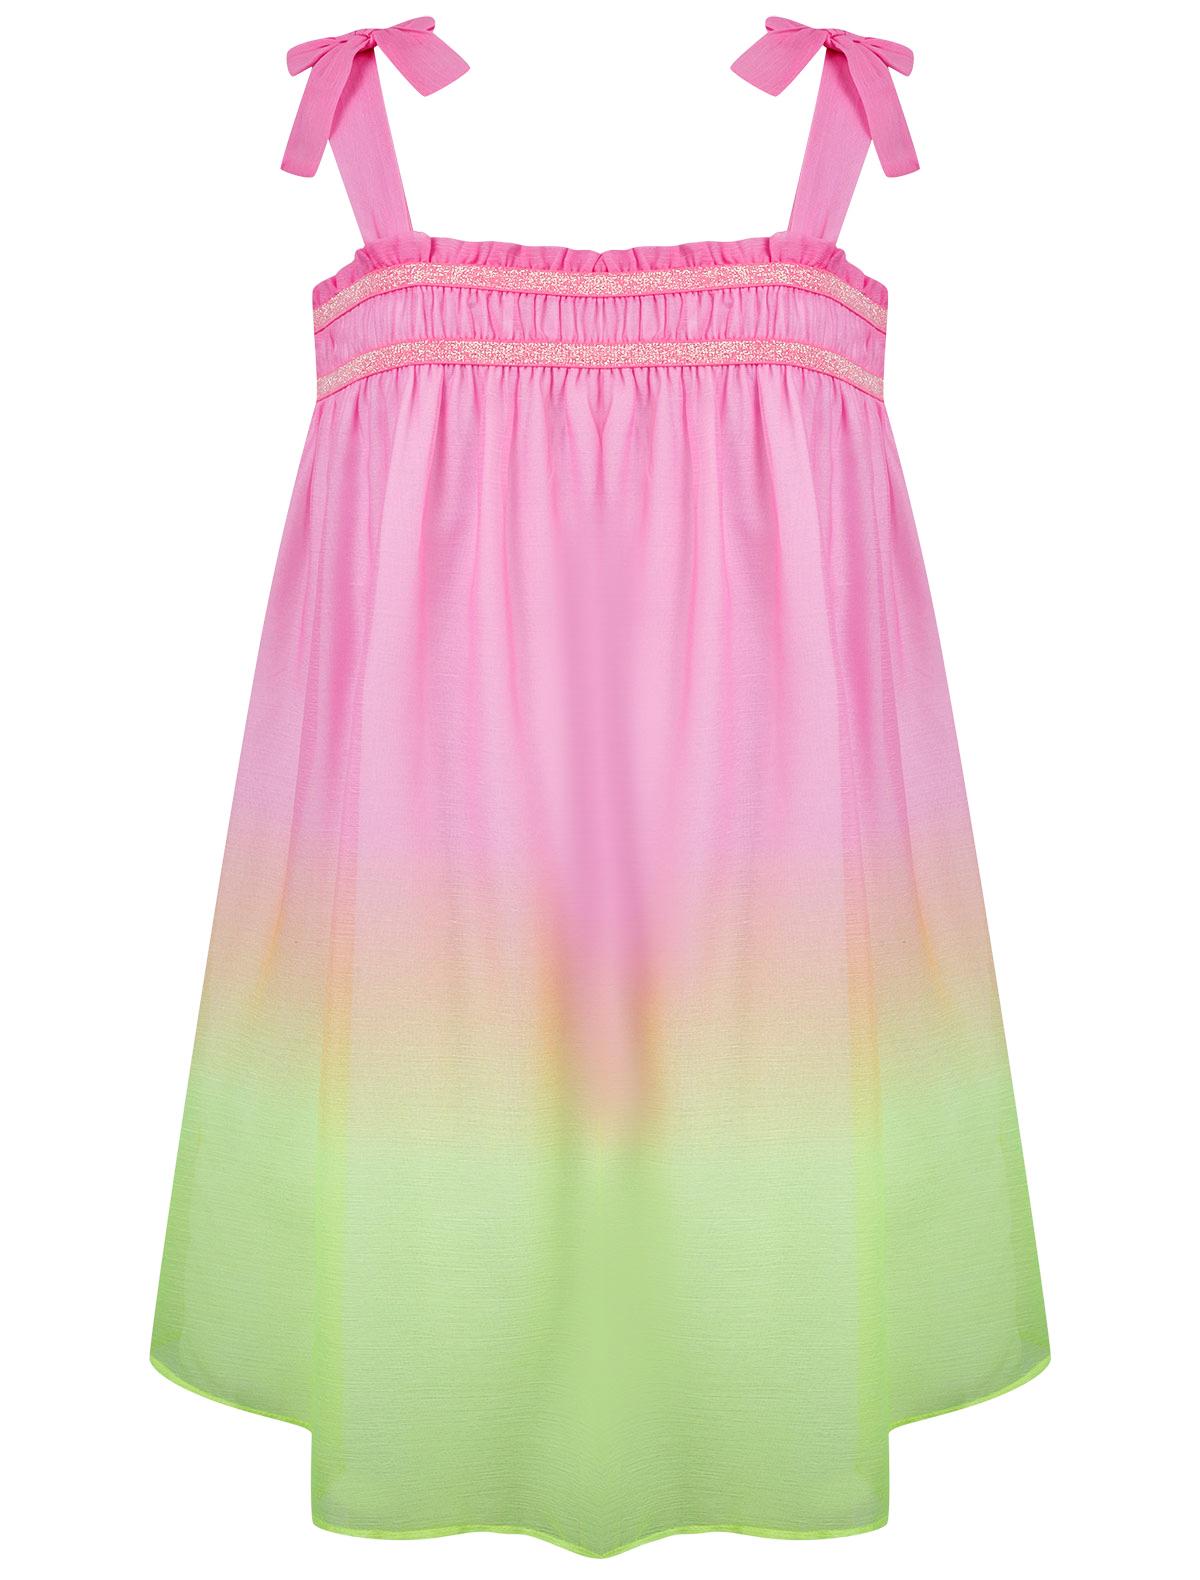 Купить 2311121, Платье Billieblush, розовый, Женский, 1054609178348